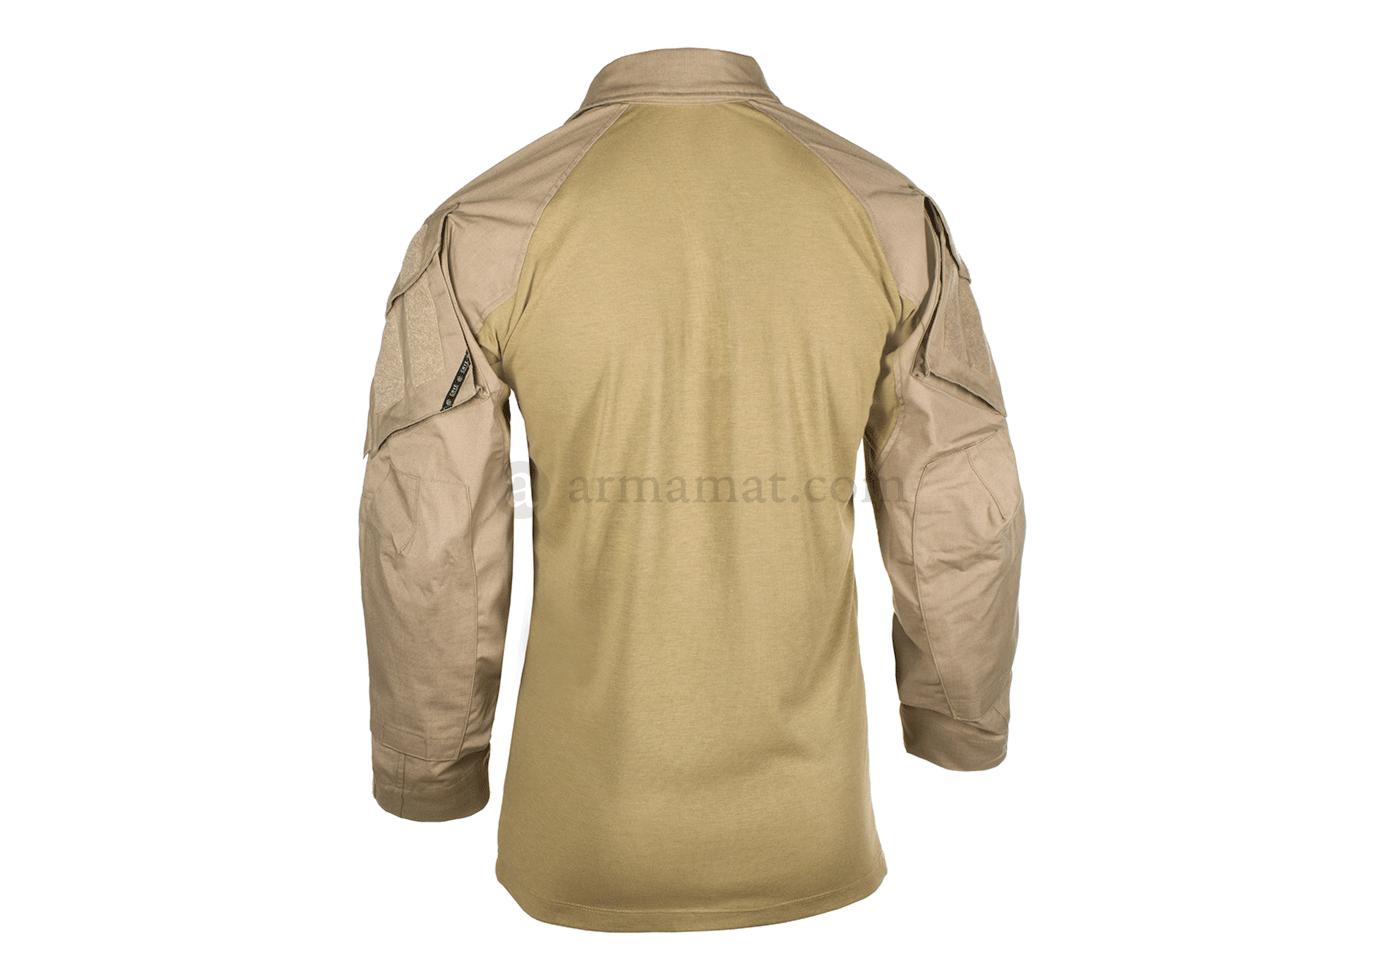 923b5ecde6b9 G3 Combat Shirt Khaki (Crye Precision) XL - Combat Shirts - Shirts -  Vêtements - armamat.com Boutique en ligne